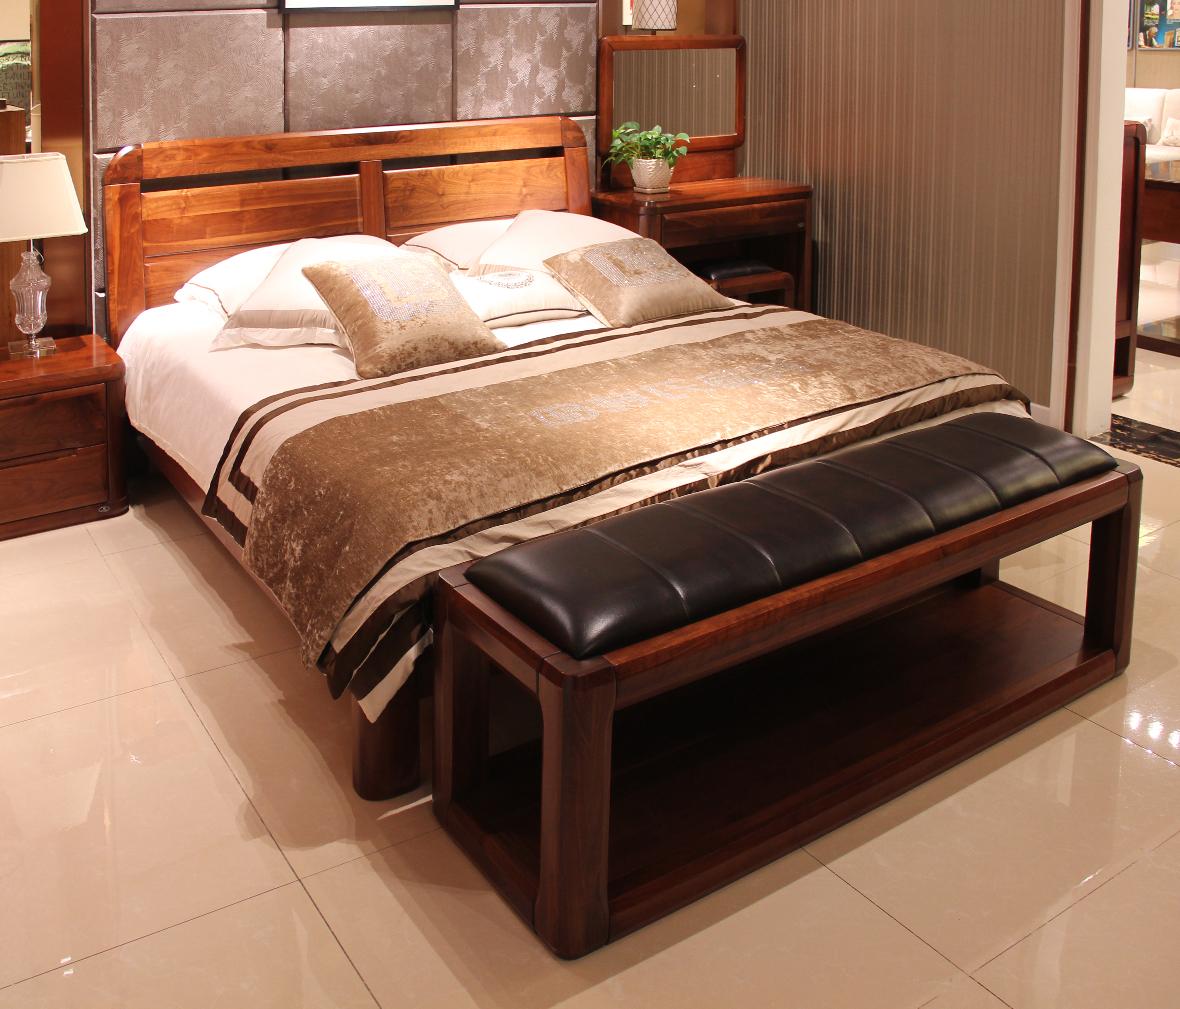 赖氏家具 胡桃木双人床ls-b0218 u0118型号 进口实木图片